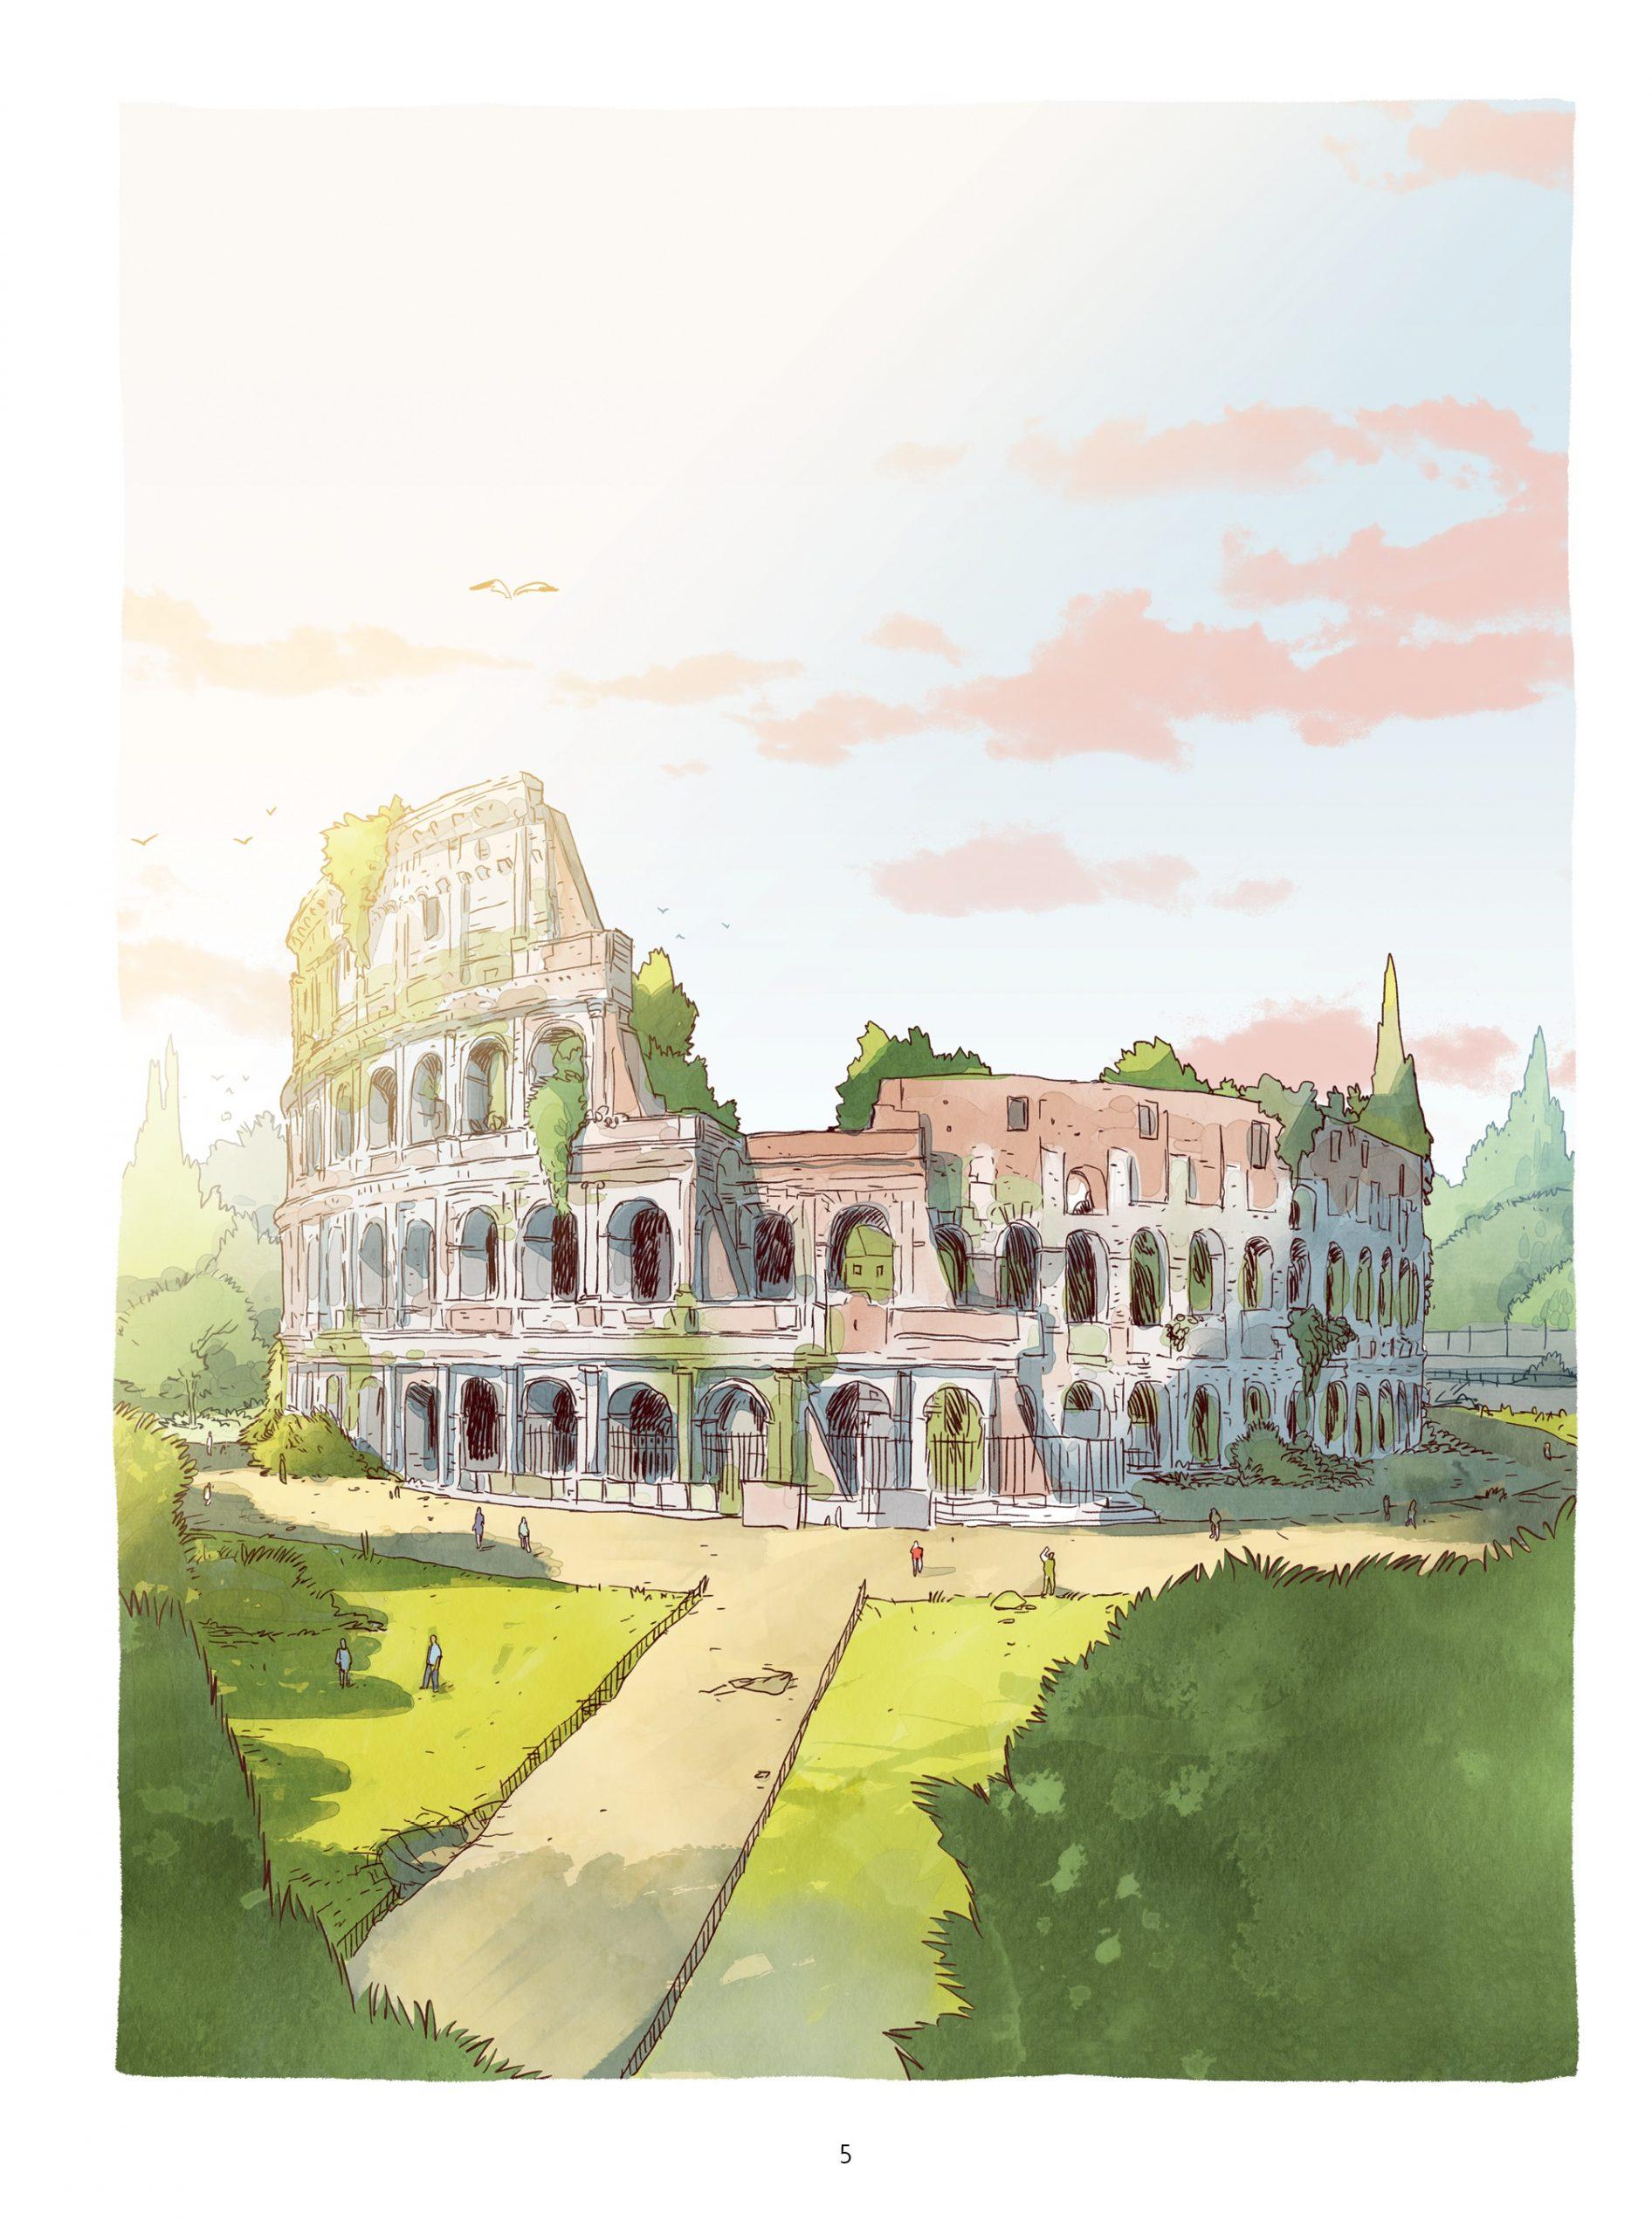 Troppo facile amarti in vacanza, una graphic novel straordinaria di Giacomo Keison Bevilacqua